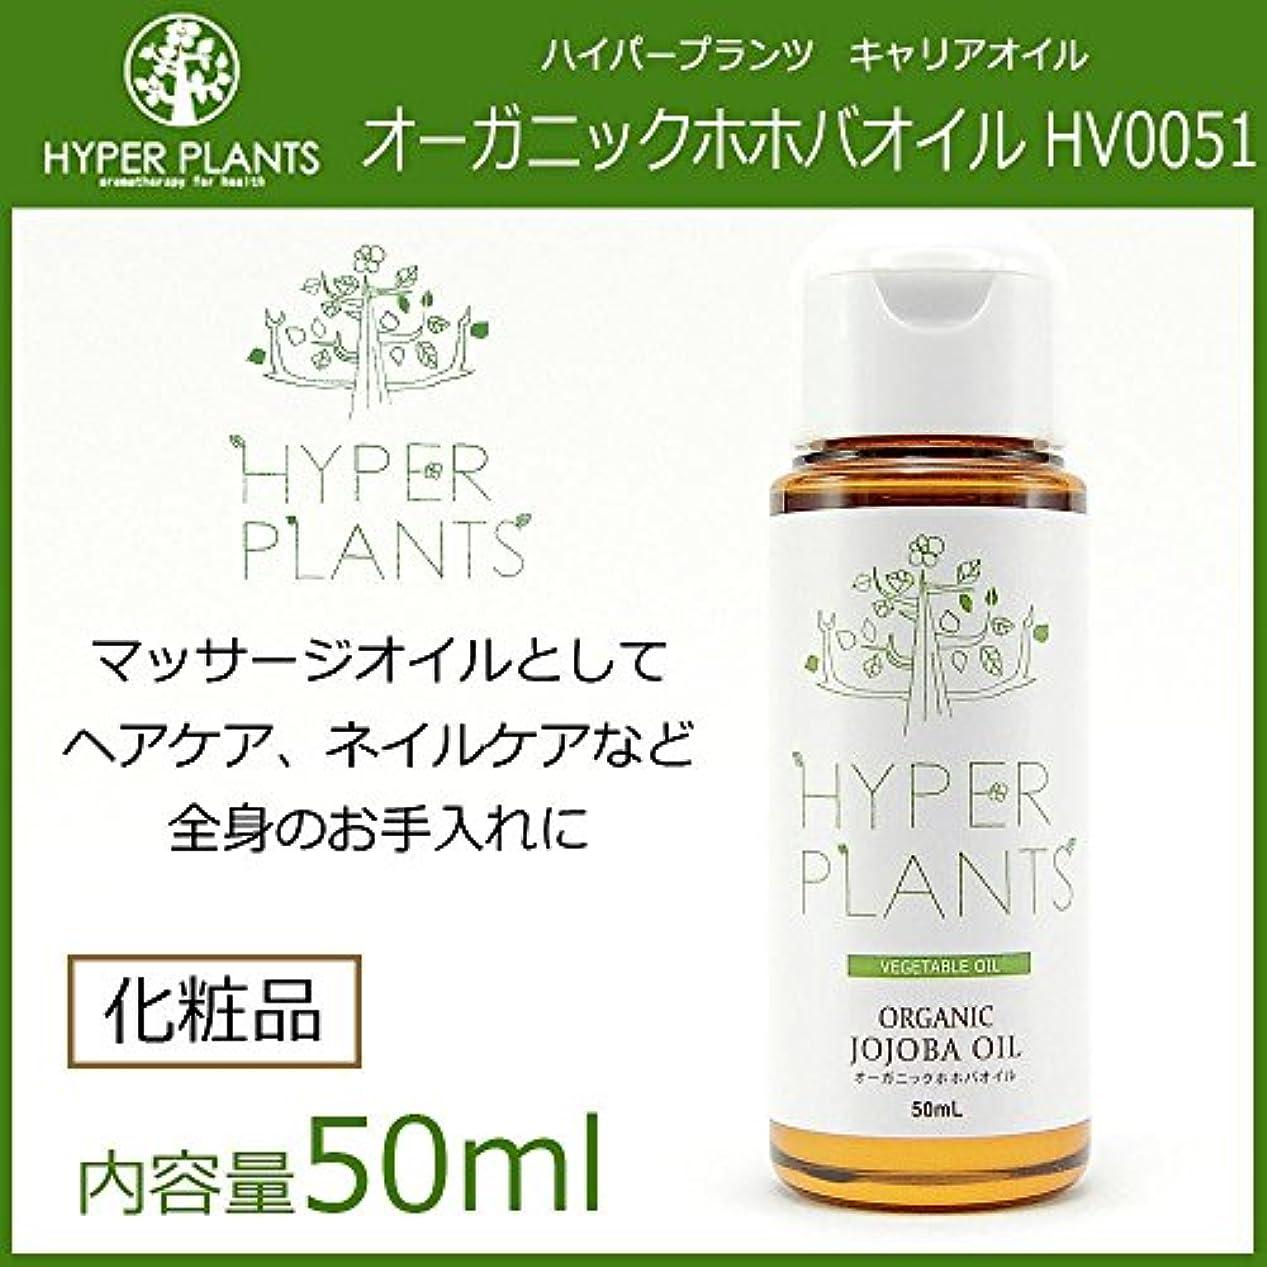 読む夜明け任命HYPER PLANTS ハイパープランツ キャリアオイル オーガニックホホバオイル 50ml HV0051